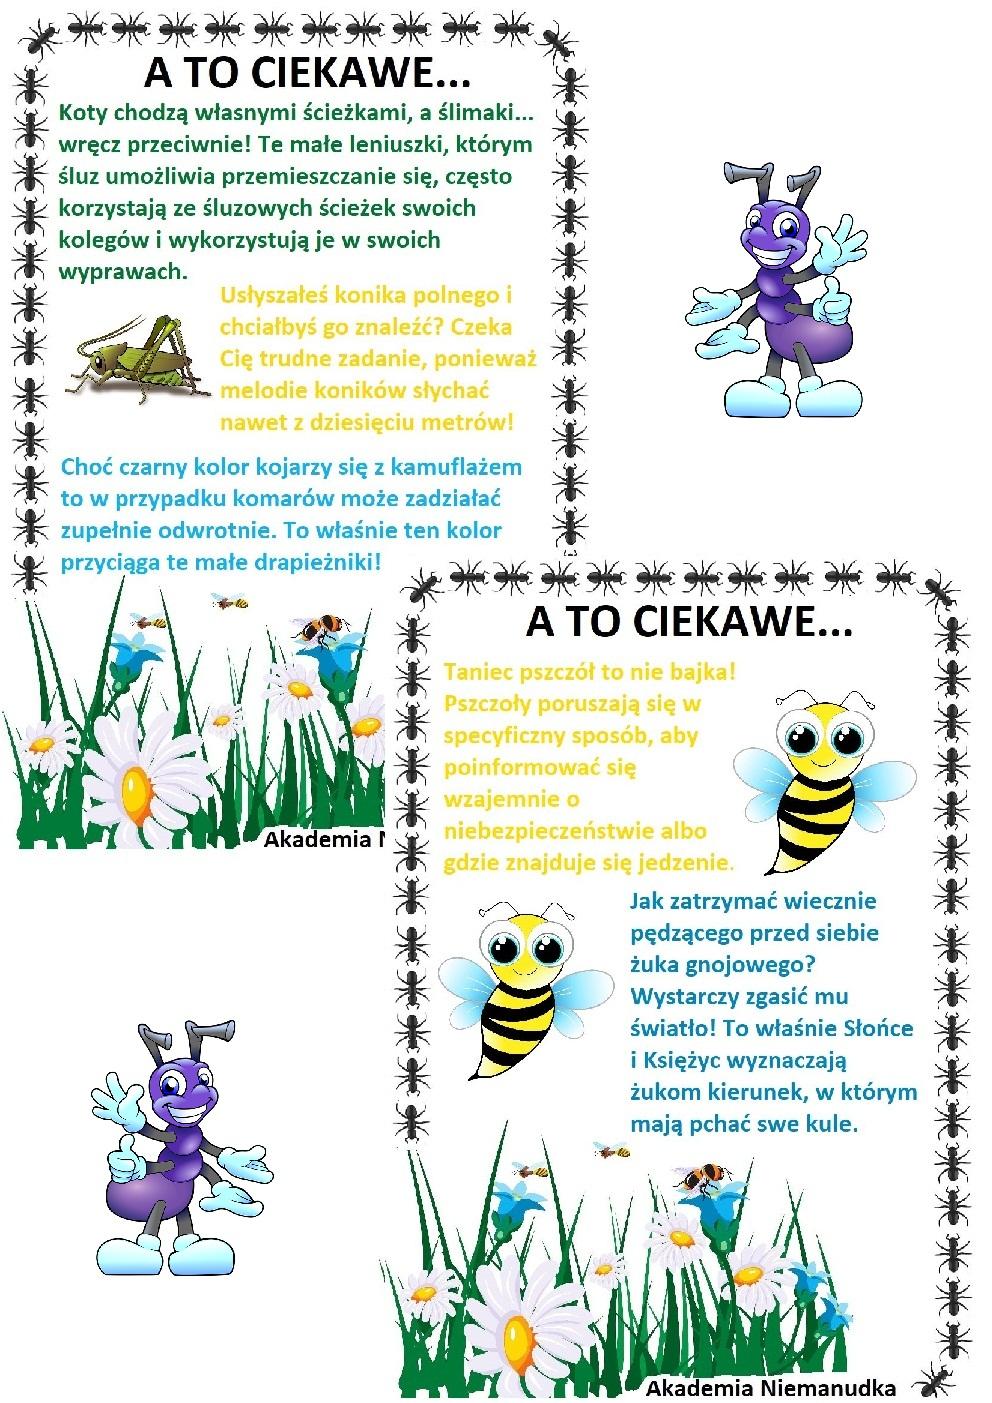 ciekawostki dla dzieci, dziecko pyta, fakty o robakach, informacje o owadach